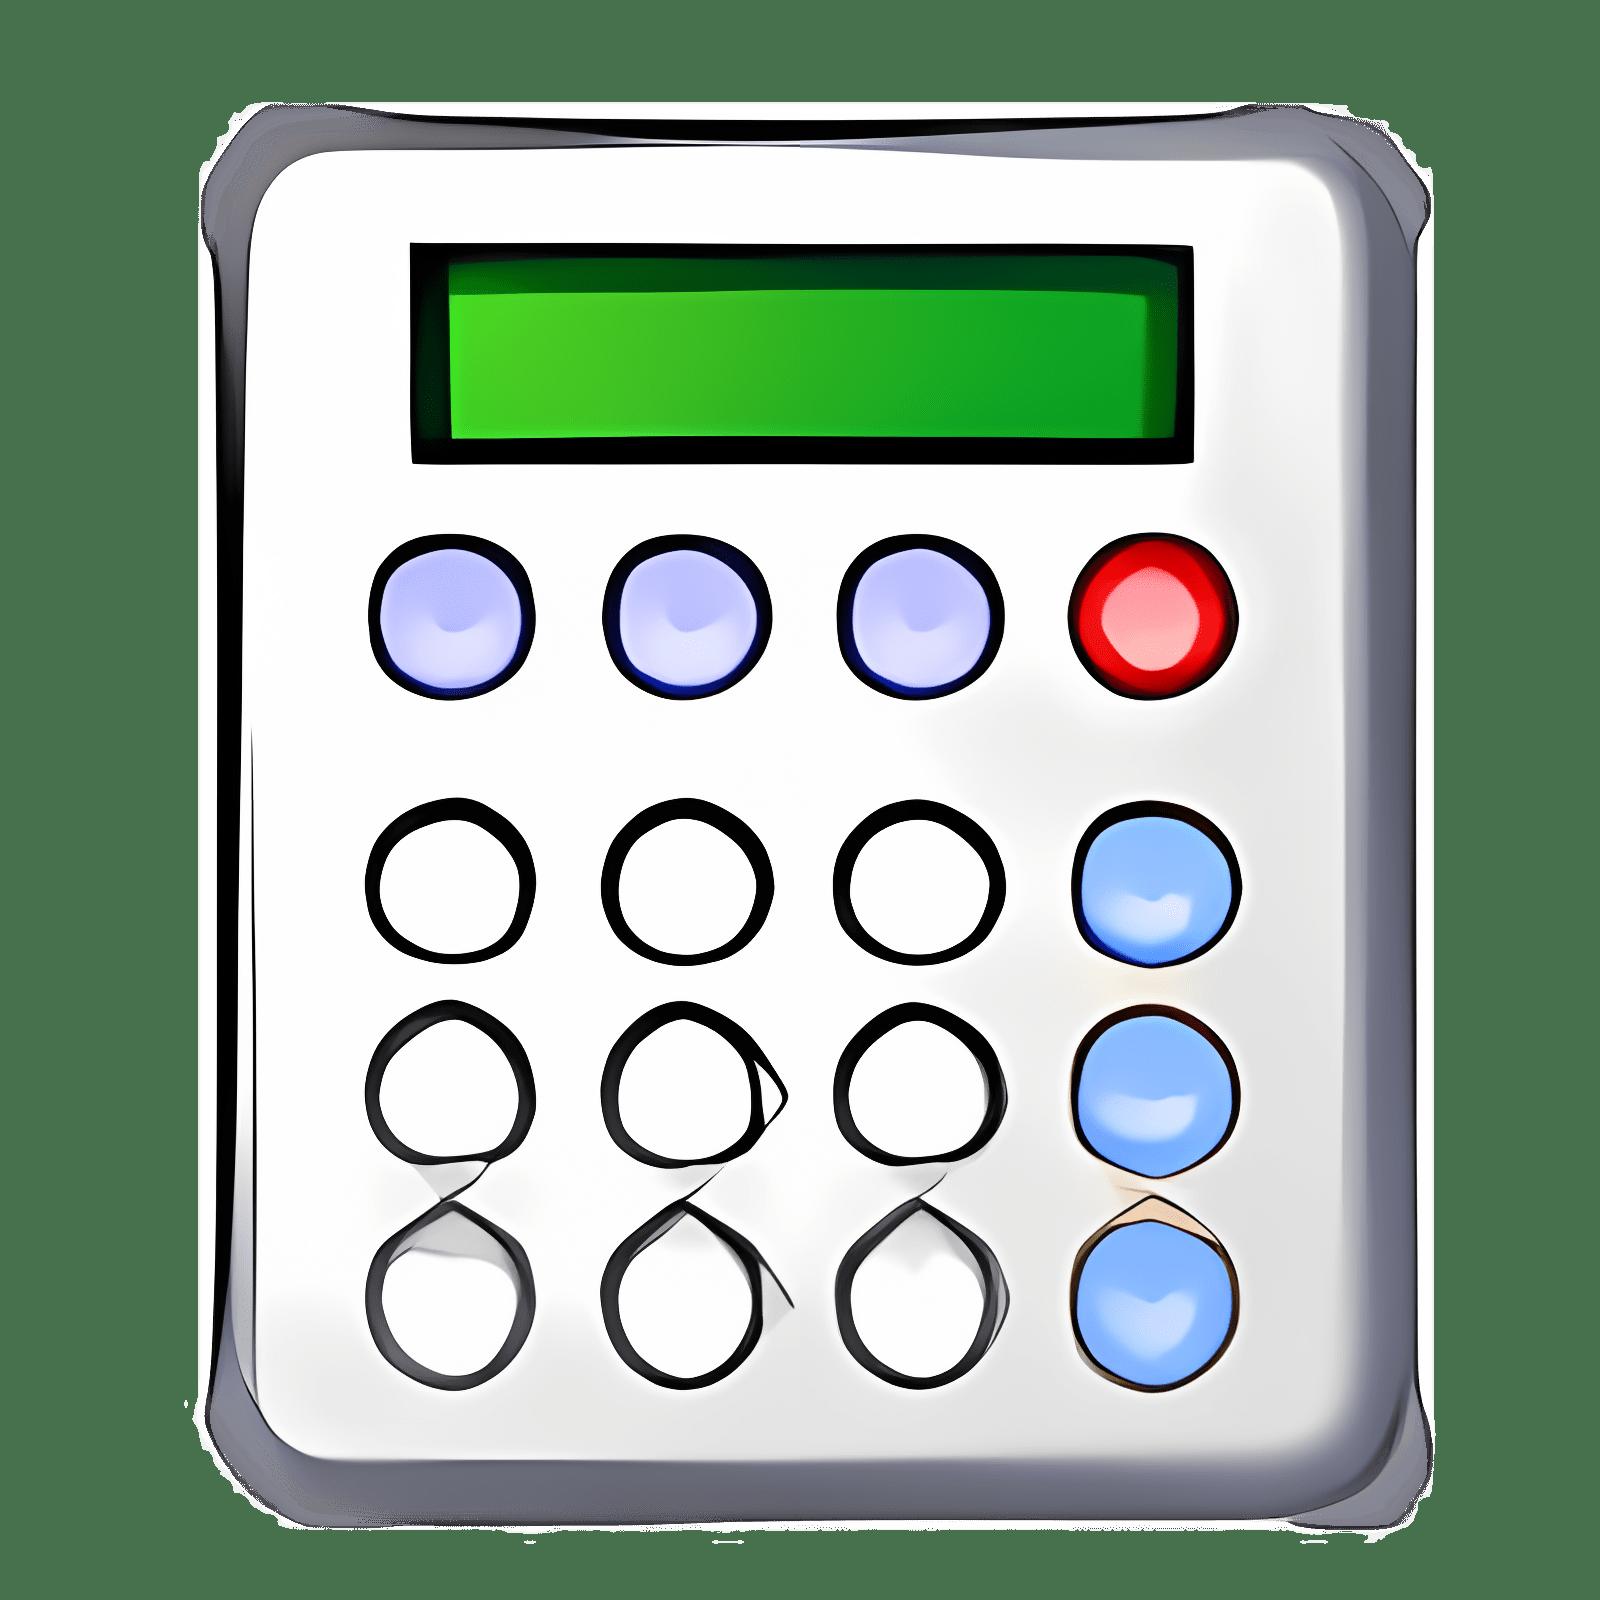 Super Calculator for Windows 10